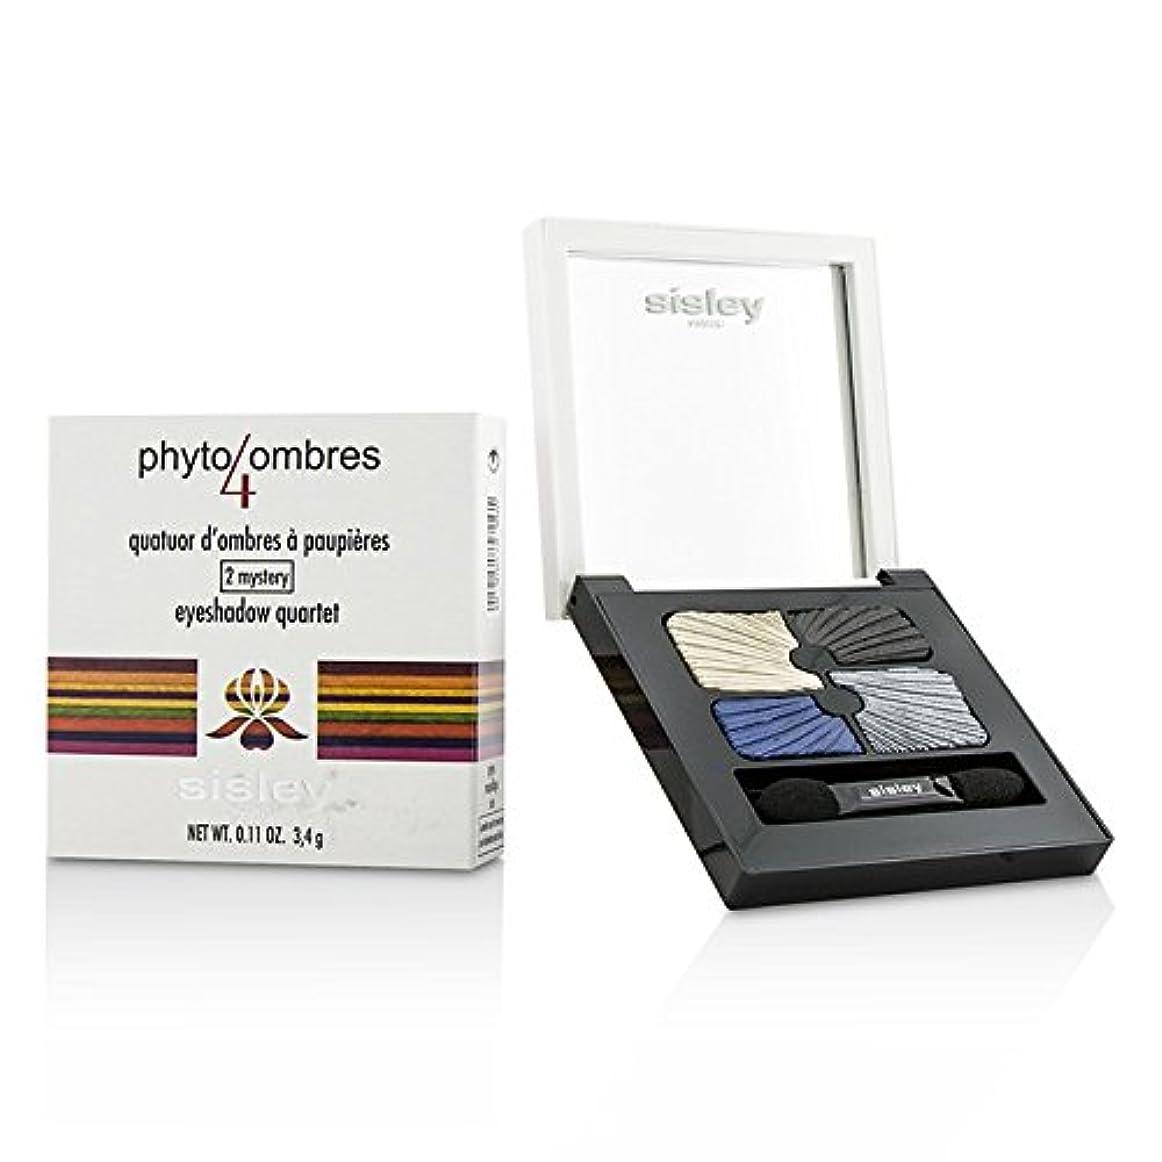 パール十年お誕生日シスレー Phyto 4 Ombres - #2 Mystery 3.4g/0.11oz並行輸入品